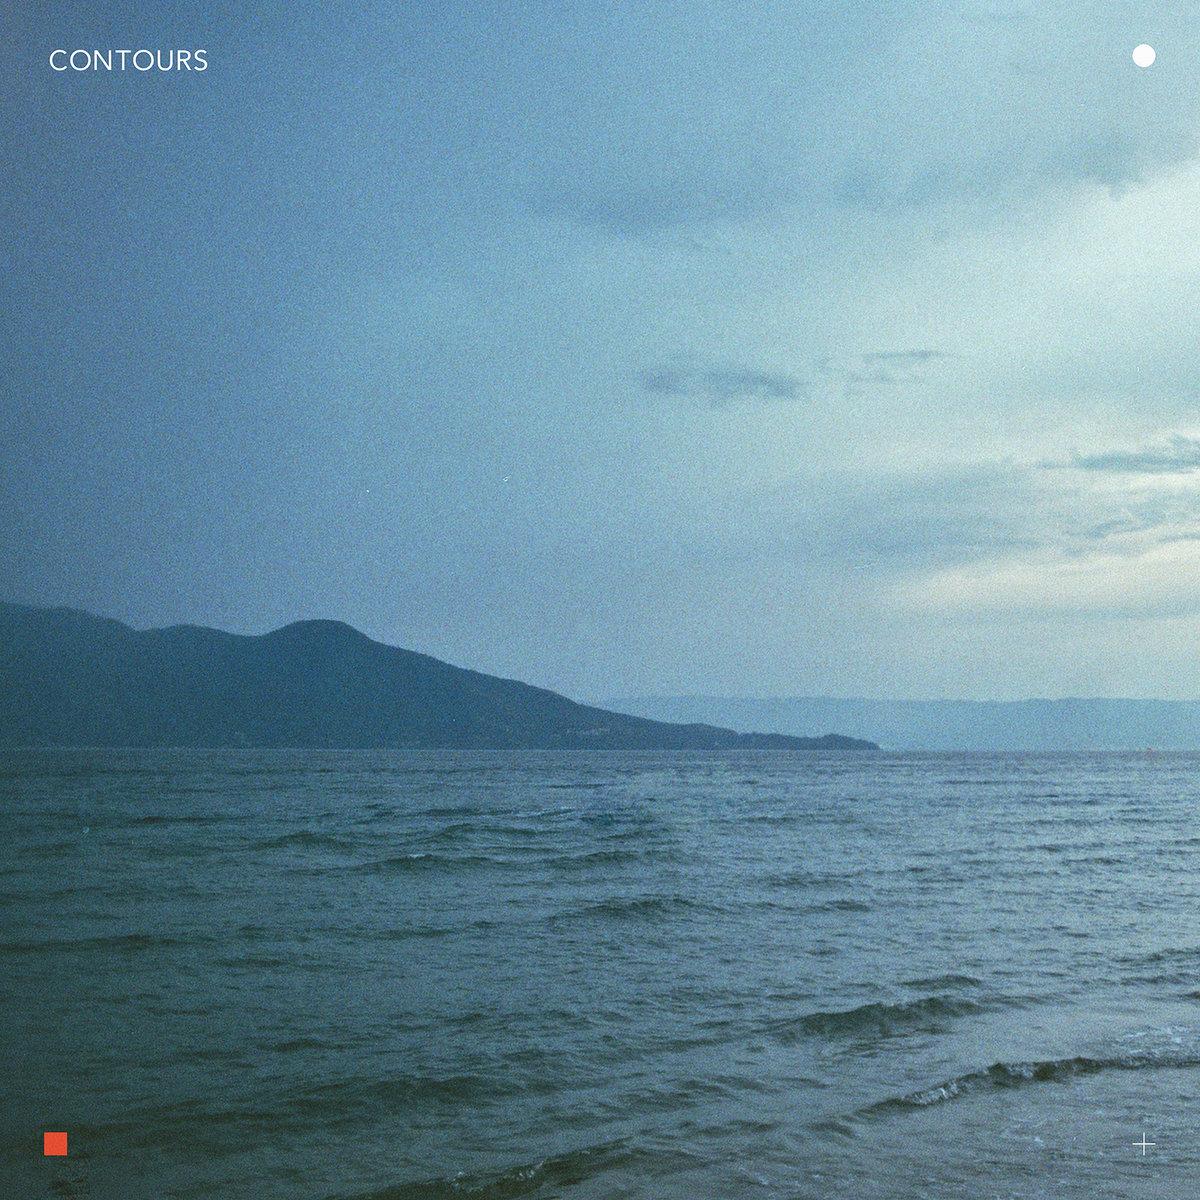 Fiore 05.Contours Canigou Records